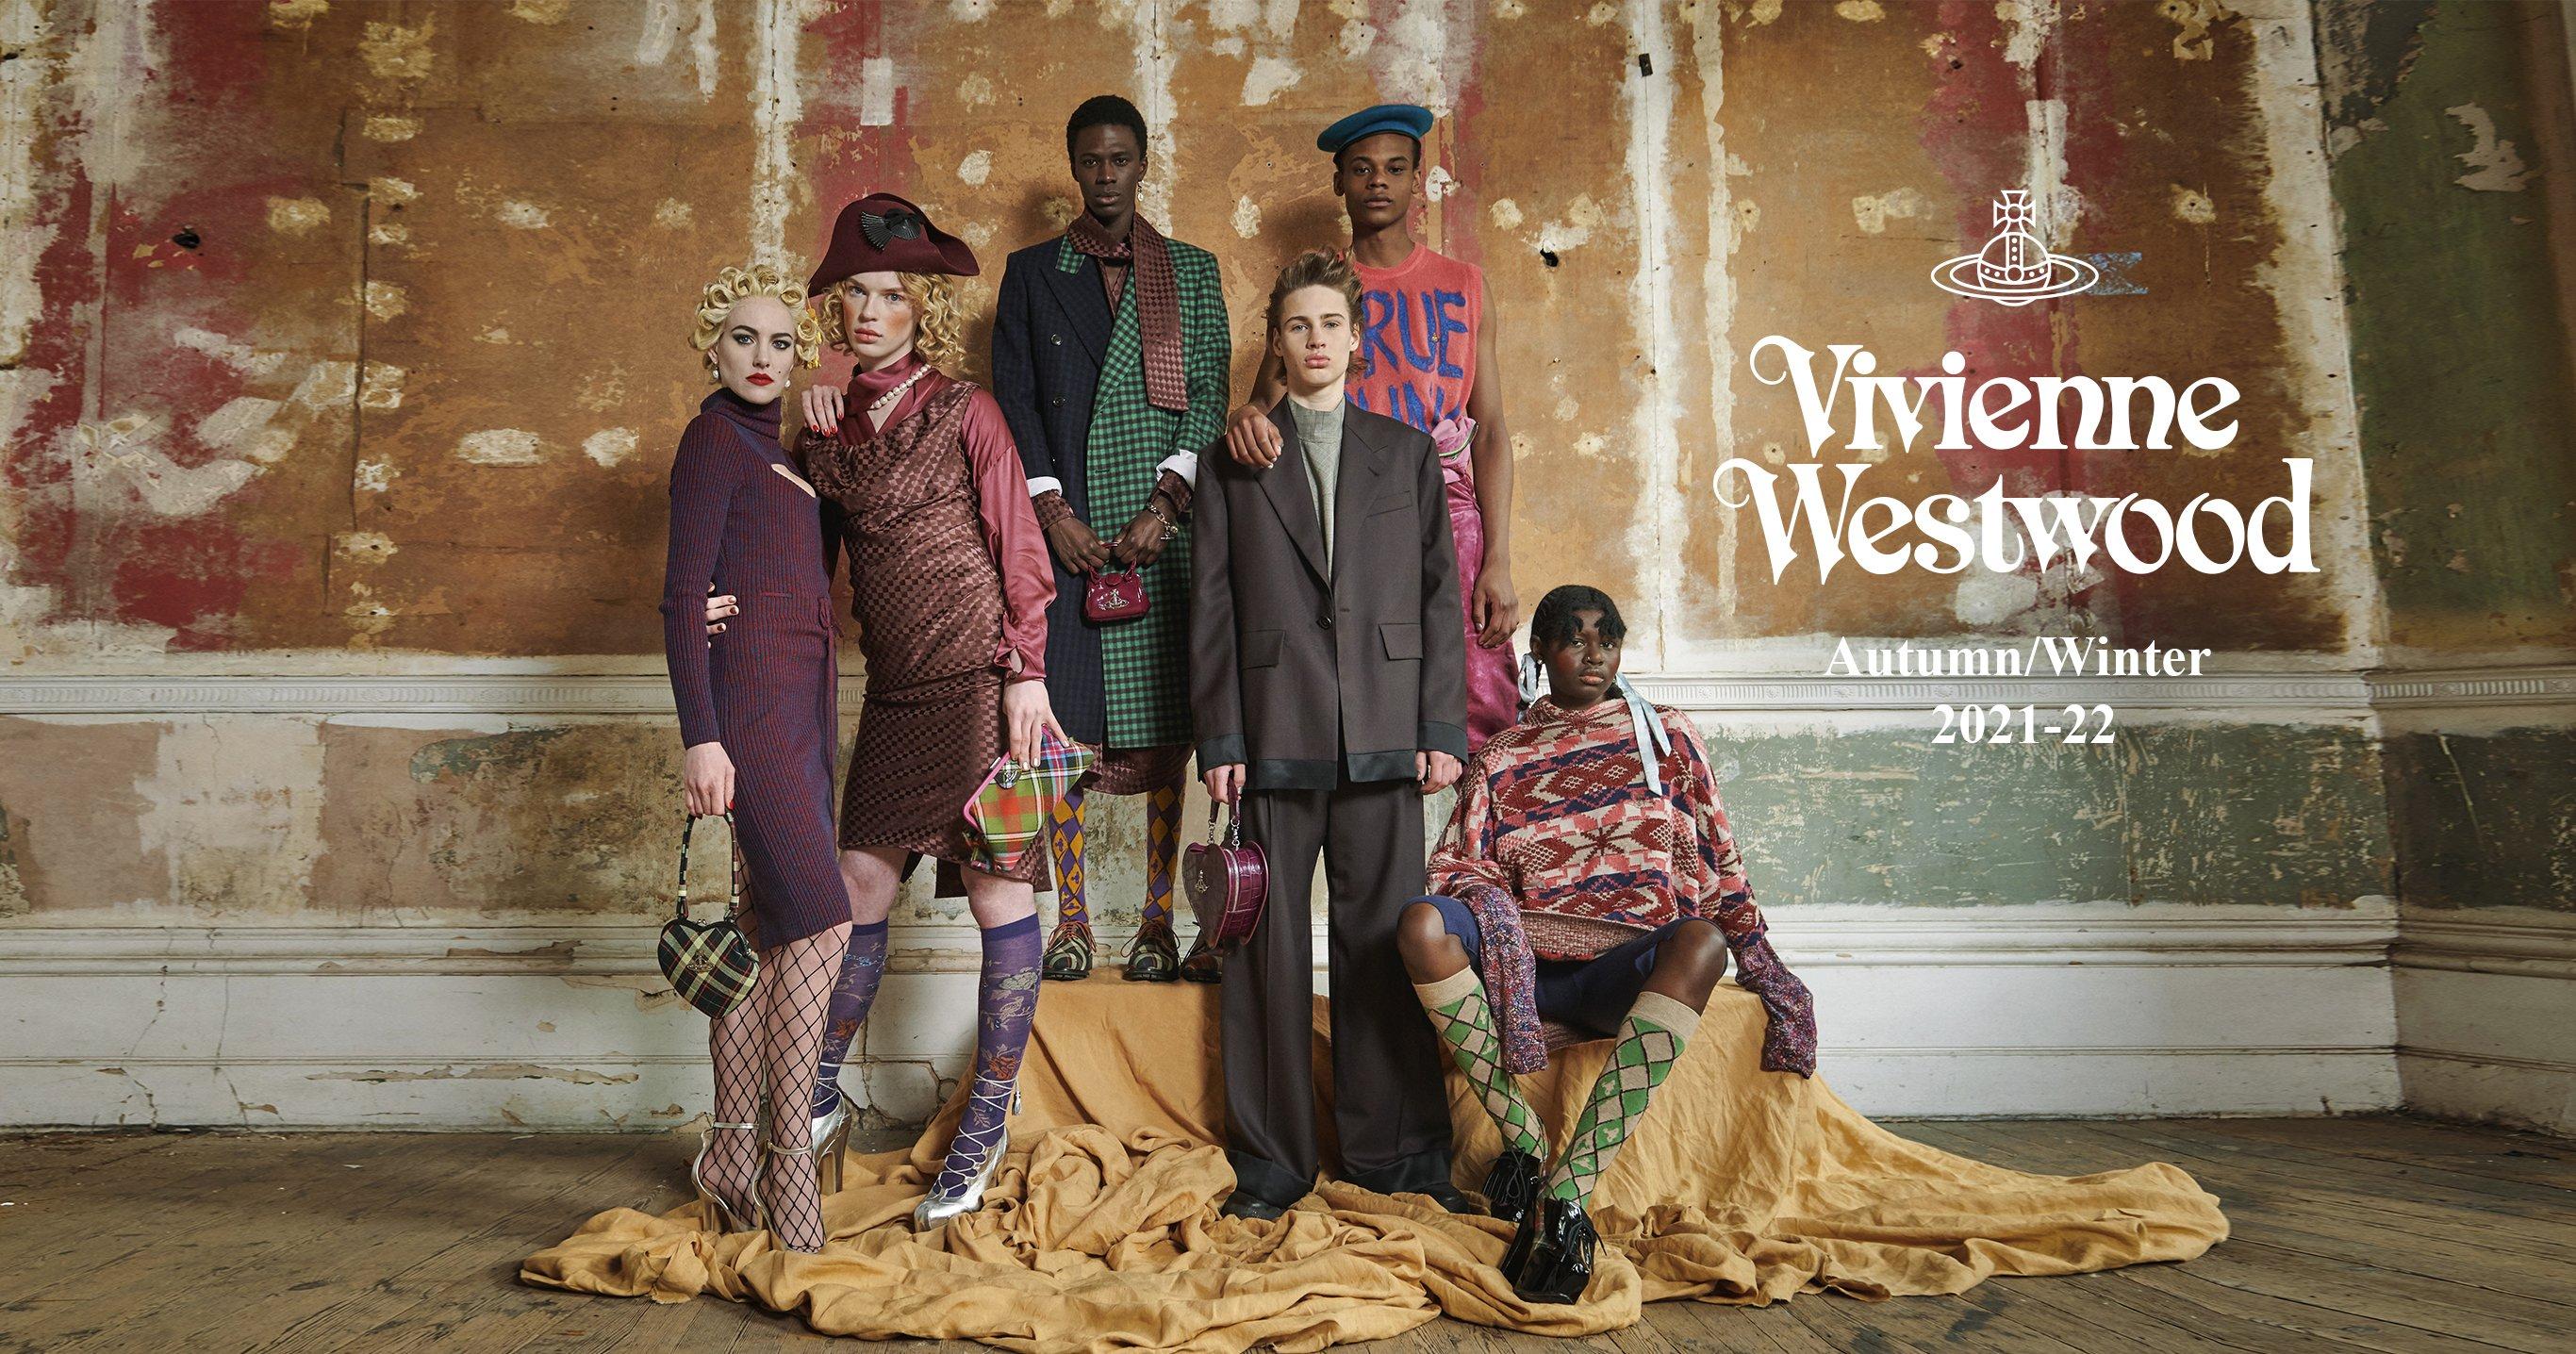 おしゃれな人気メンズバッグブランドVivienne Westwood